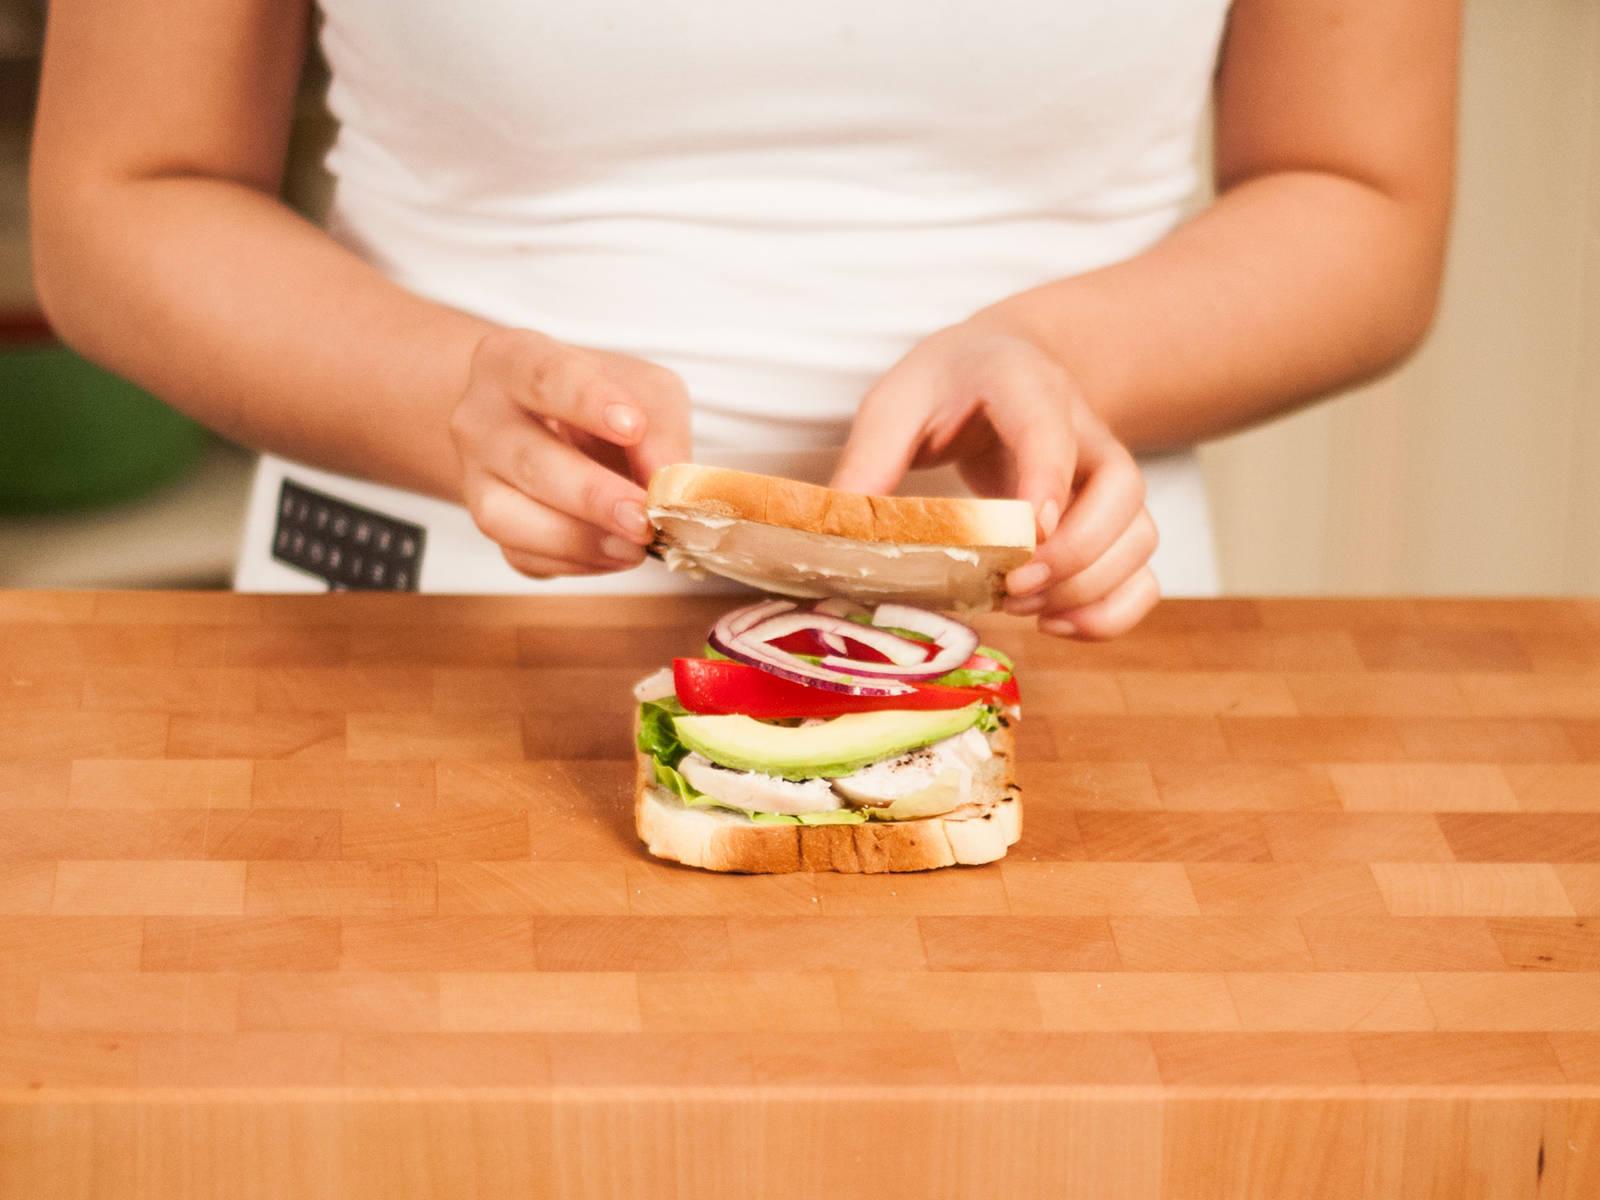 鸡肉切条。将生菜、鸡肉、鳄梨、甜椒和洋葱分层放在一片面包上,加盐和胡椒粉调味。将另一片面包均匀涂上奶油奶酪,然后盖在第一块面包上。斜切三明治,佐以甜辣酱食用!